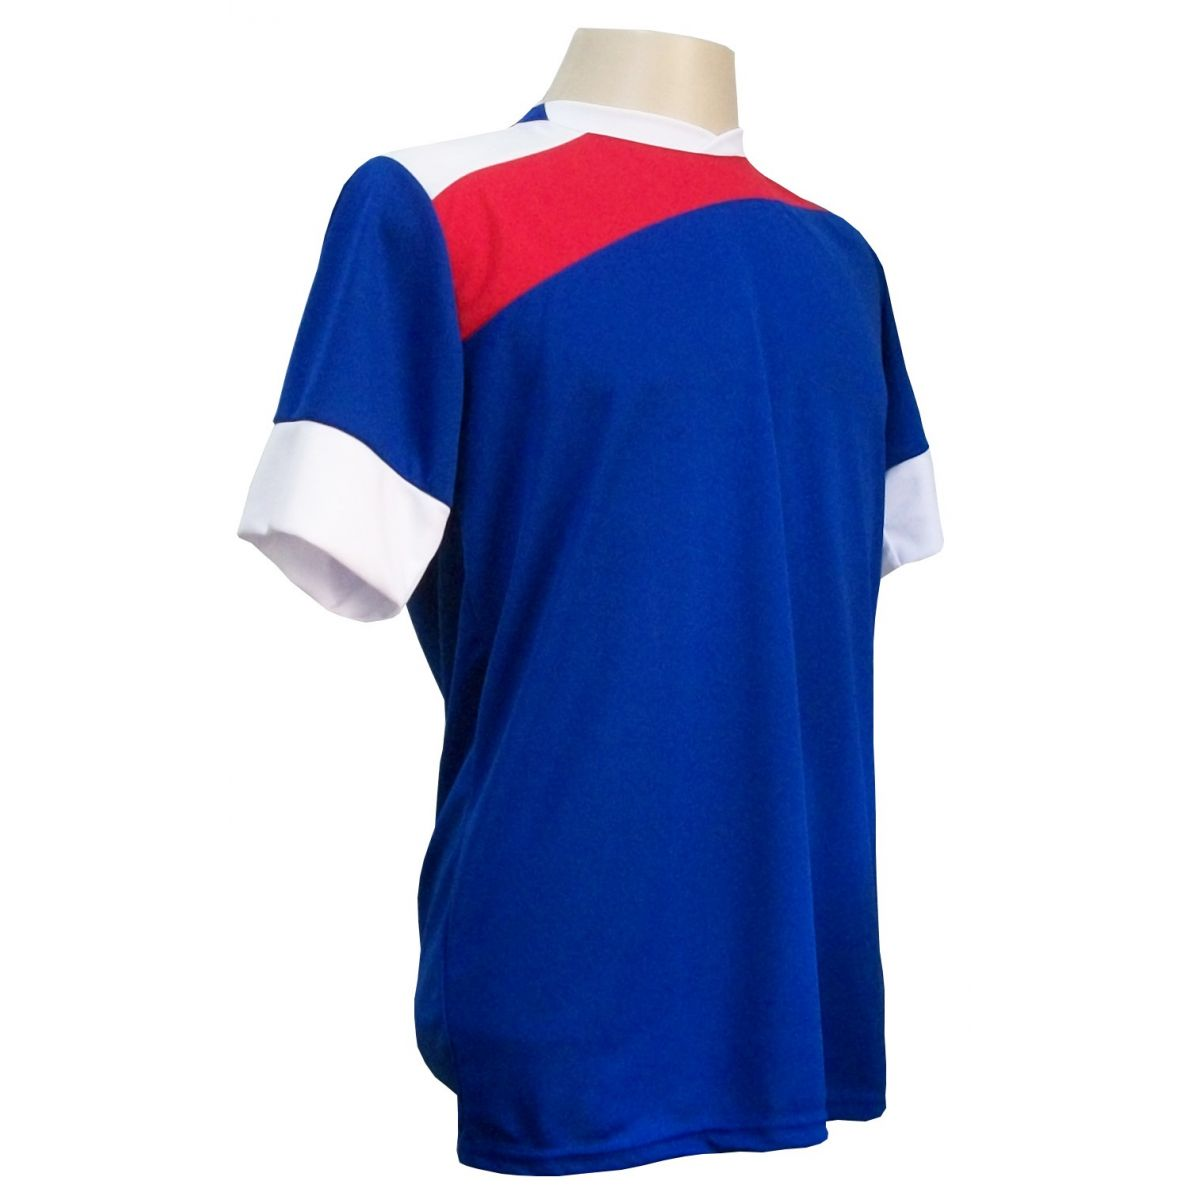 Uniforme Esportivo com 14 camisas modelo Sporting Royal/Vermelho/Branco + 14 calções modelo Madrid Royal + Brindes